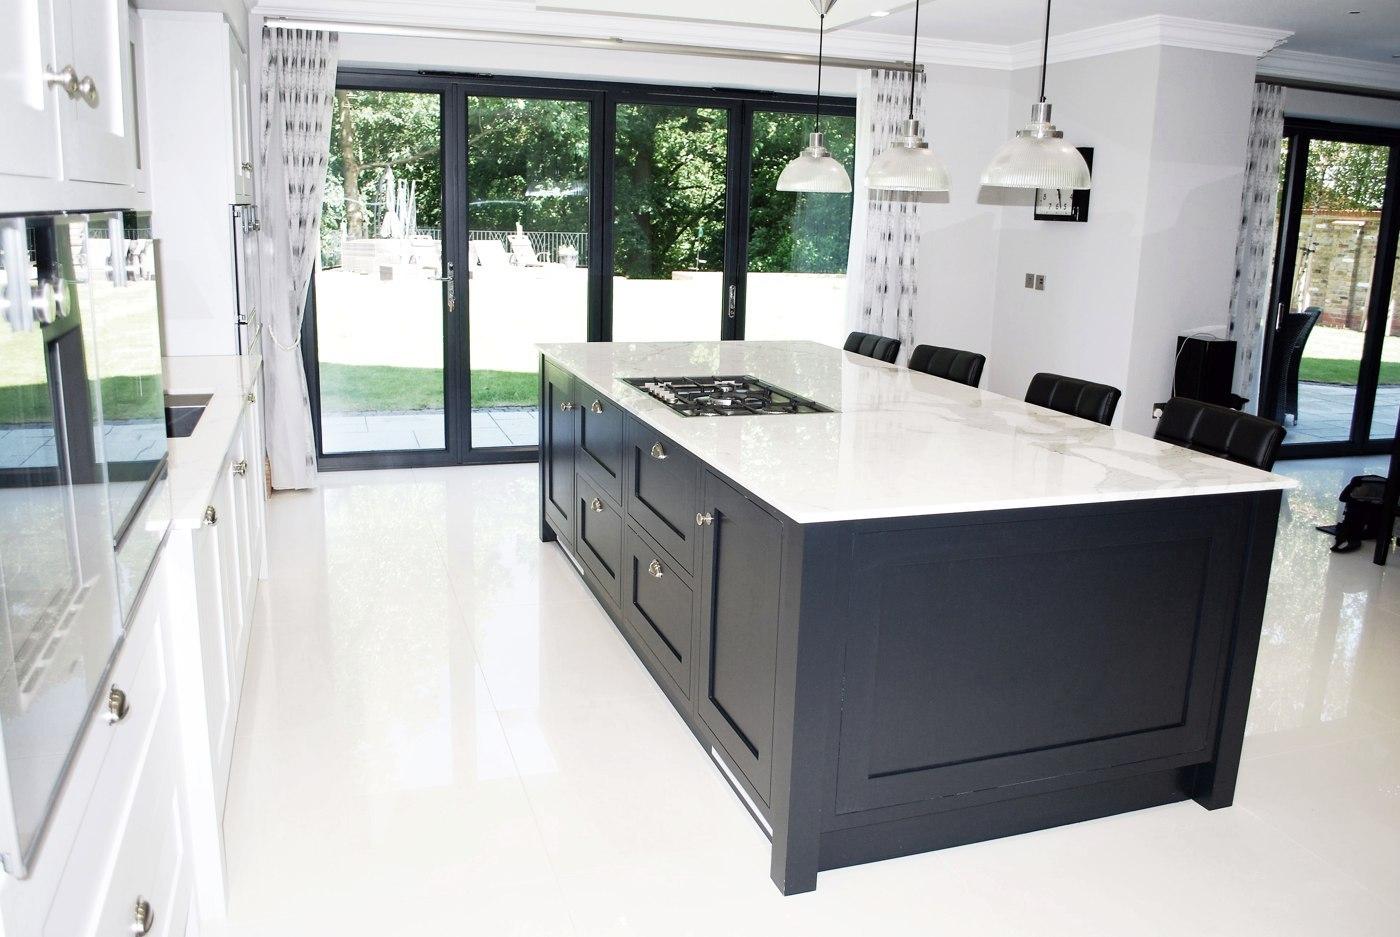 Kitchens - Armstrong Jordan Interiors